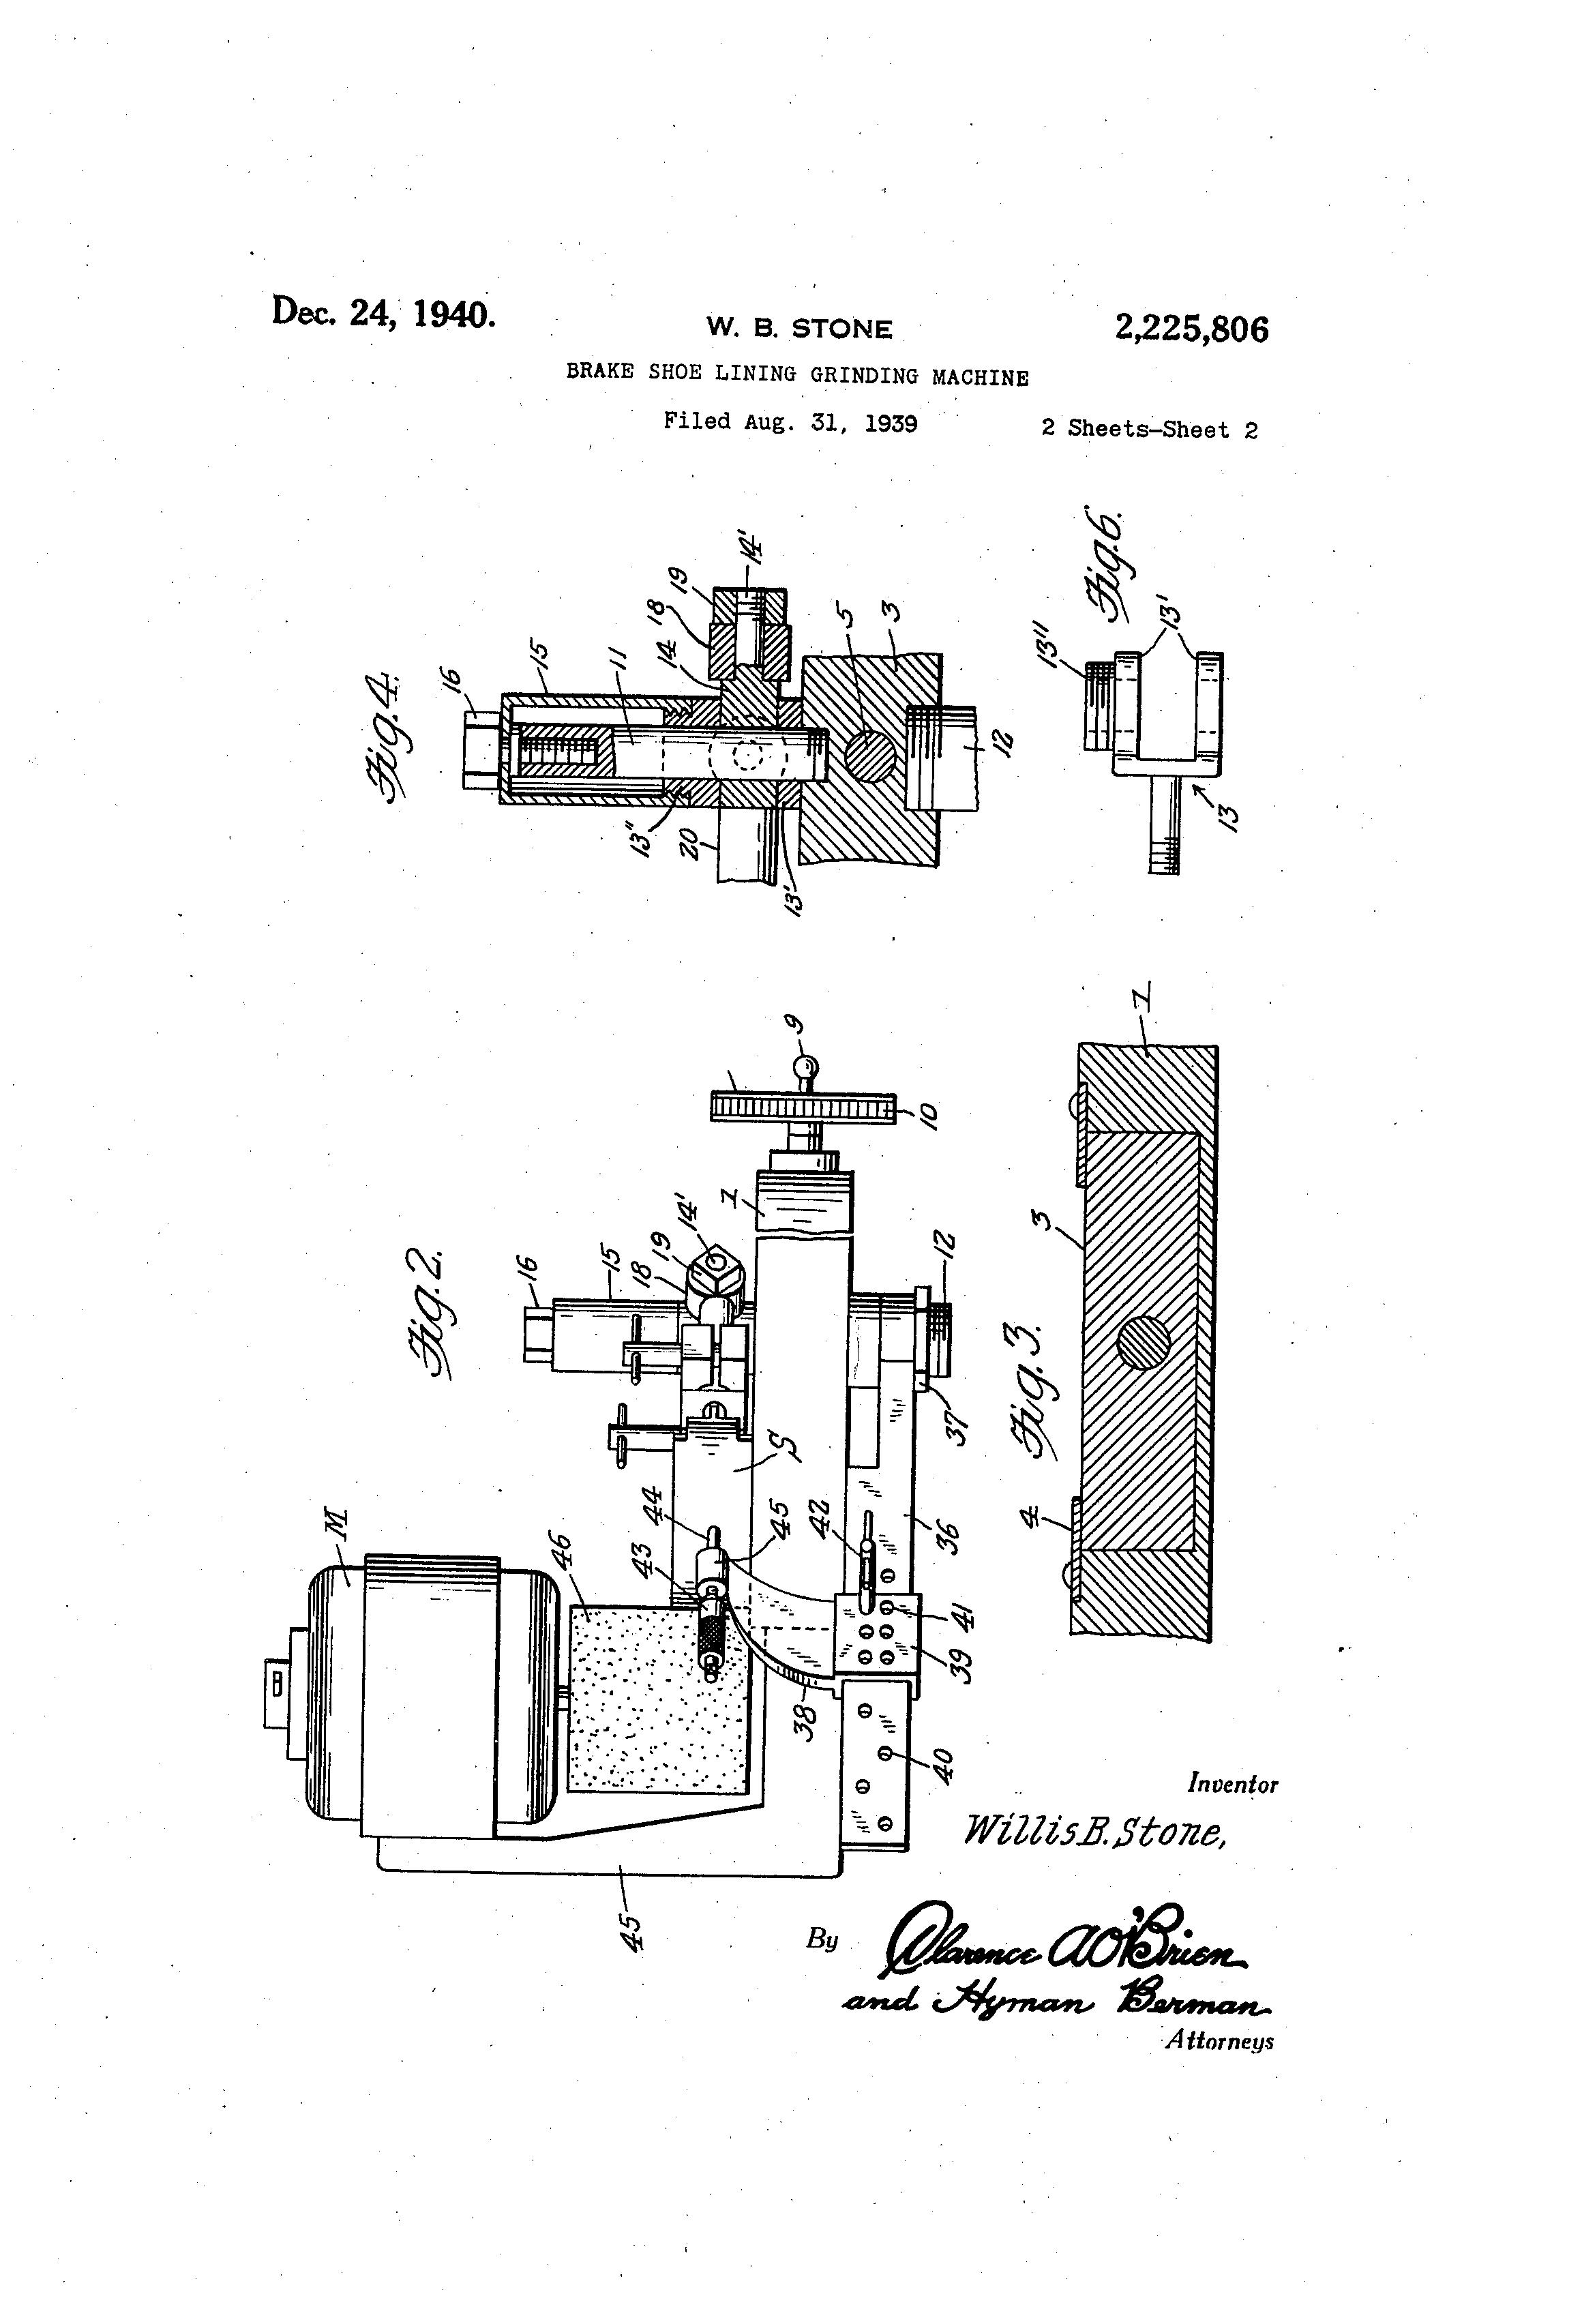 Brake Lining Draw : Patent us brake shoe lining grinding machine